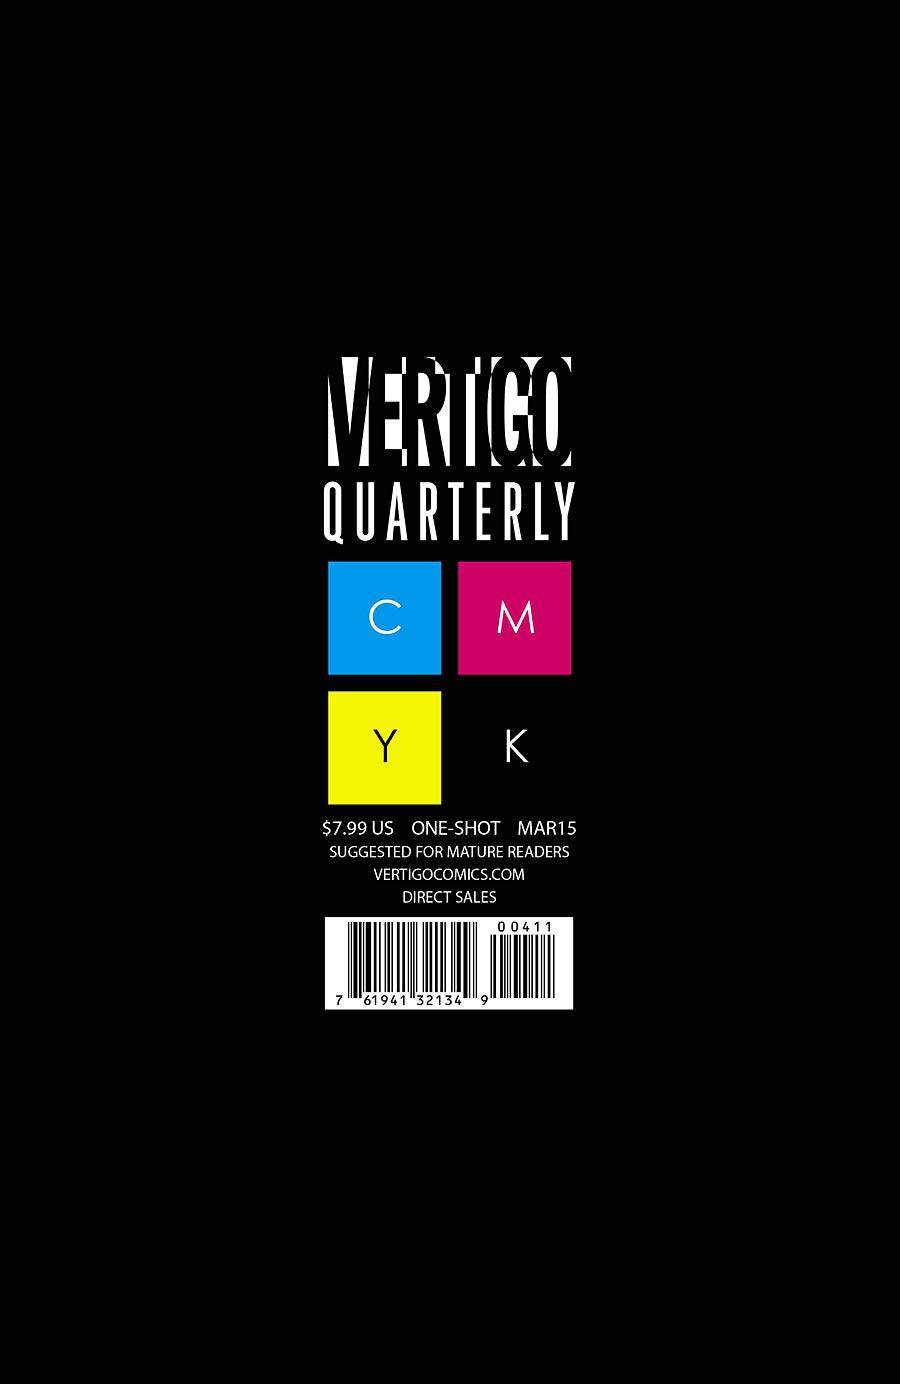 Vertigo-Quarterly-Black-1-cover.jpg